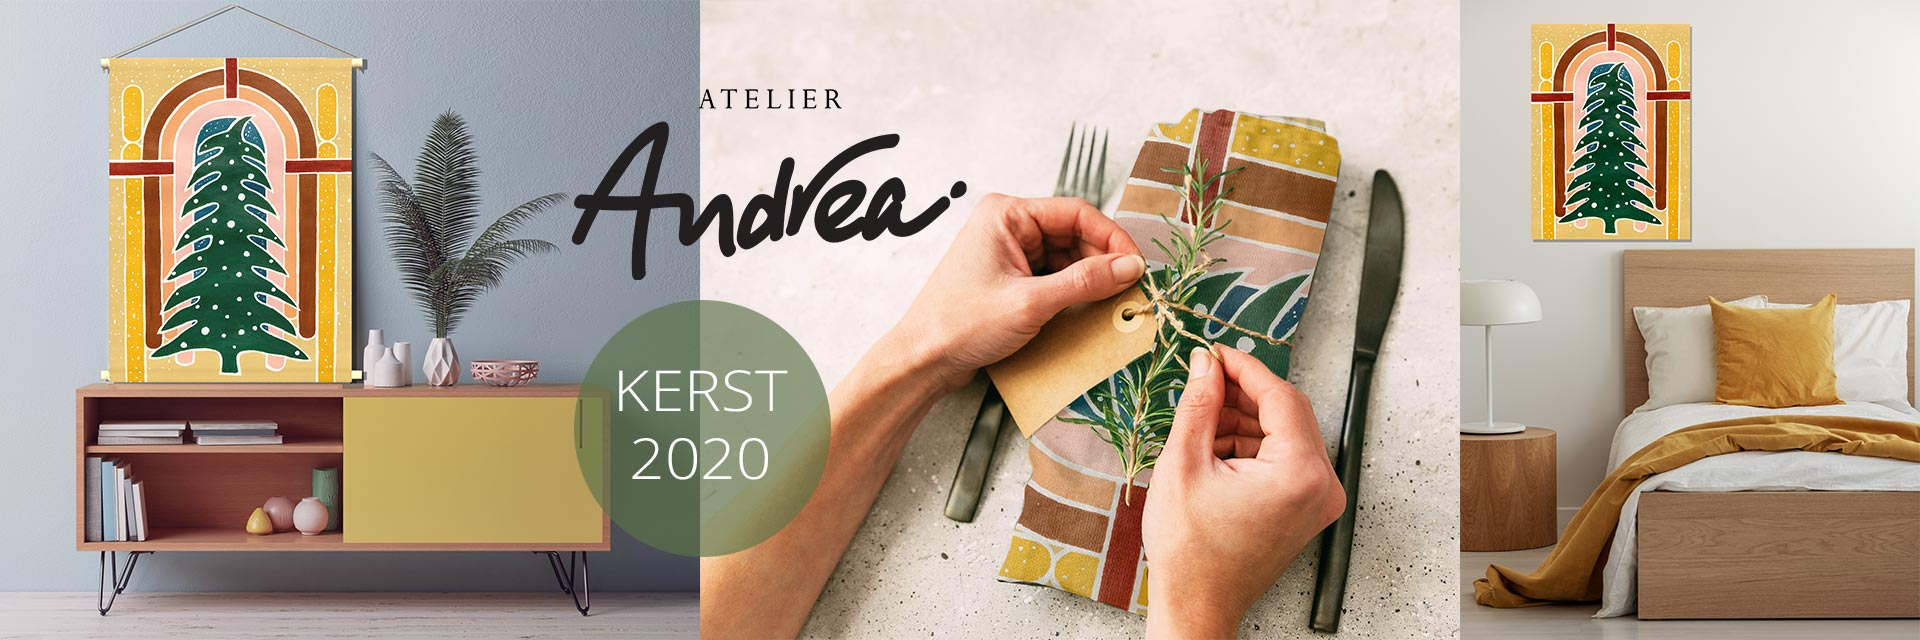 kerstdecoratie-Atelier-Andrea-2020